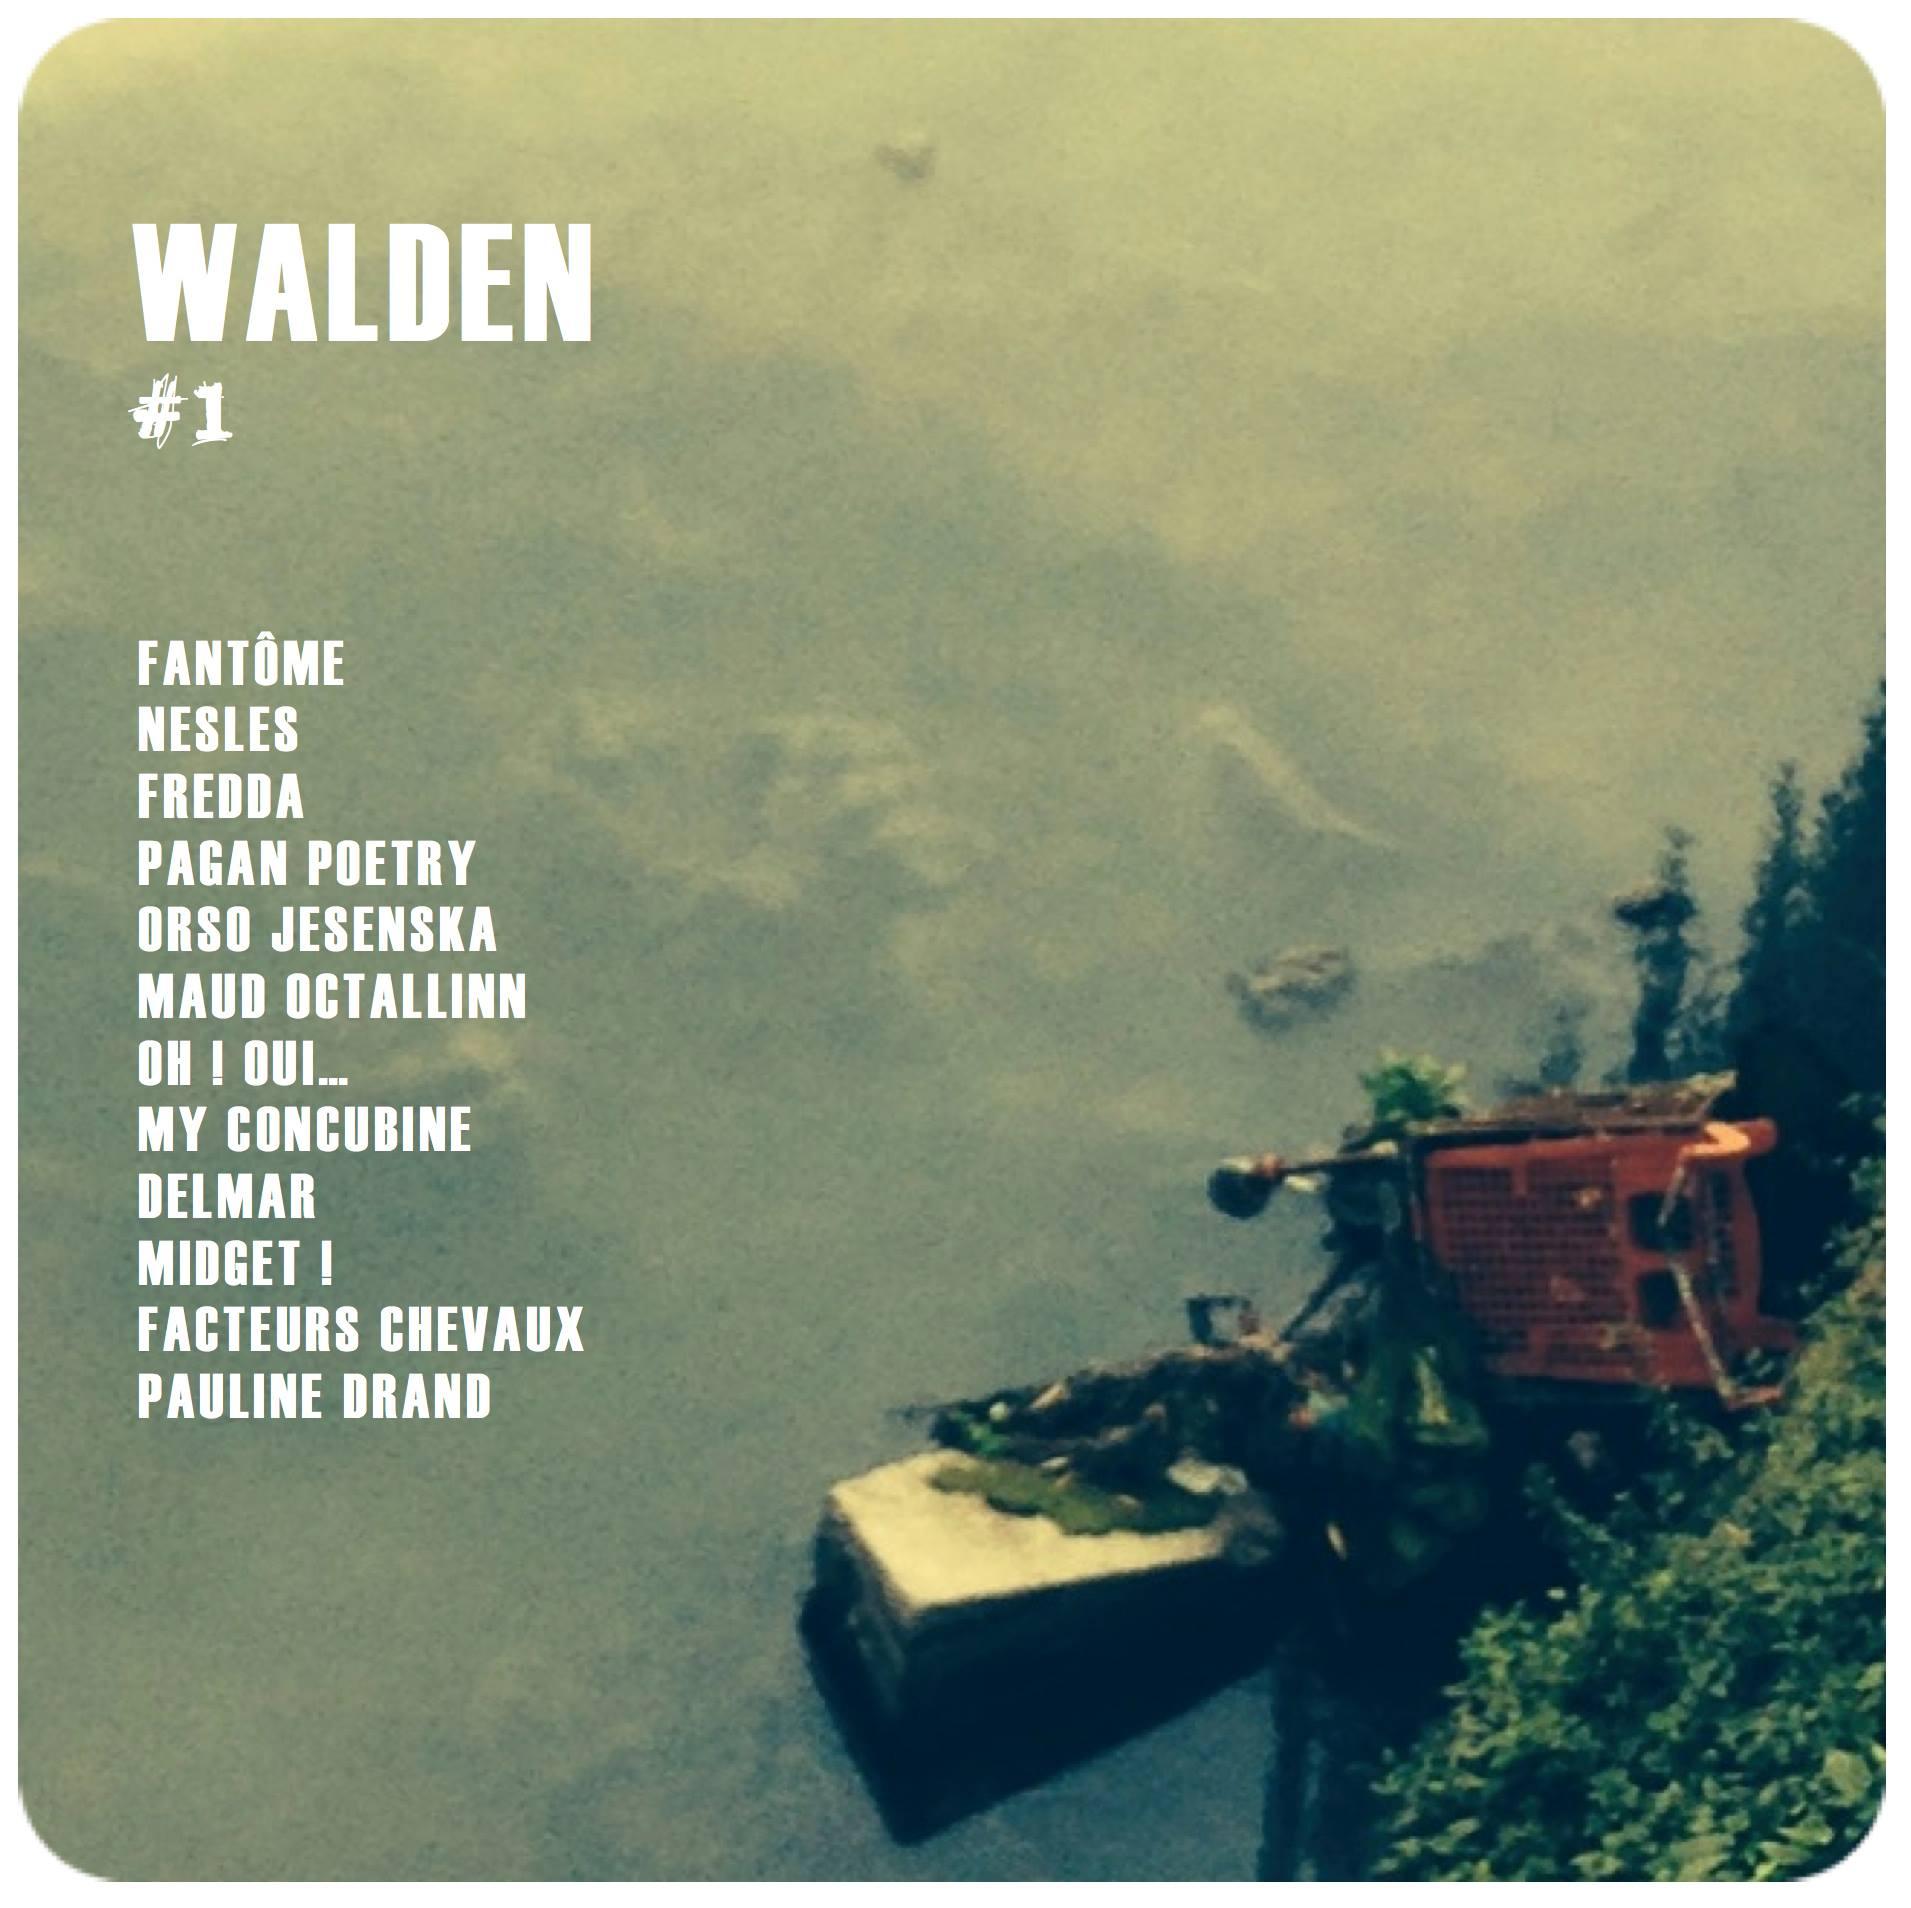 Walden #1 - compilation - scène musicale française indé Paris